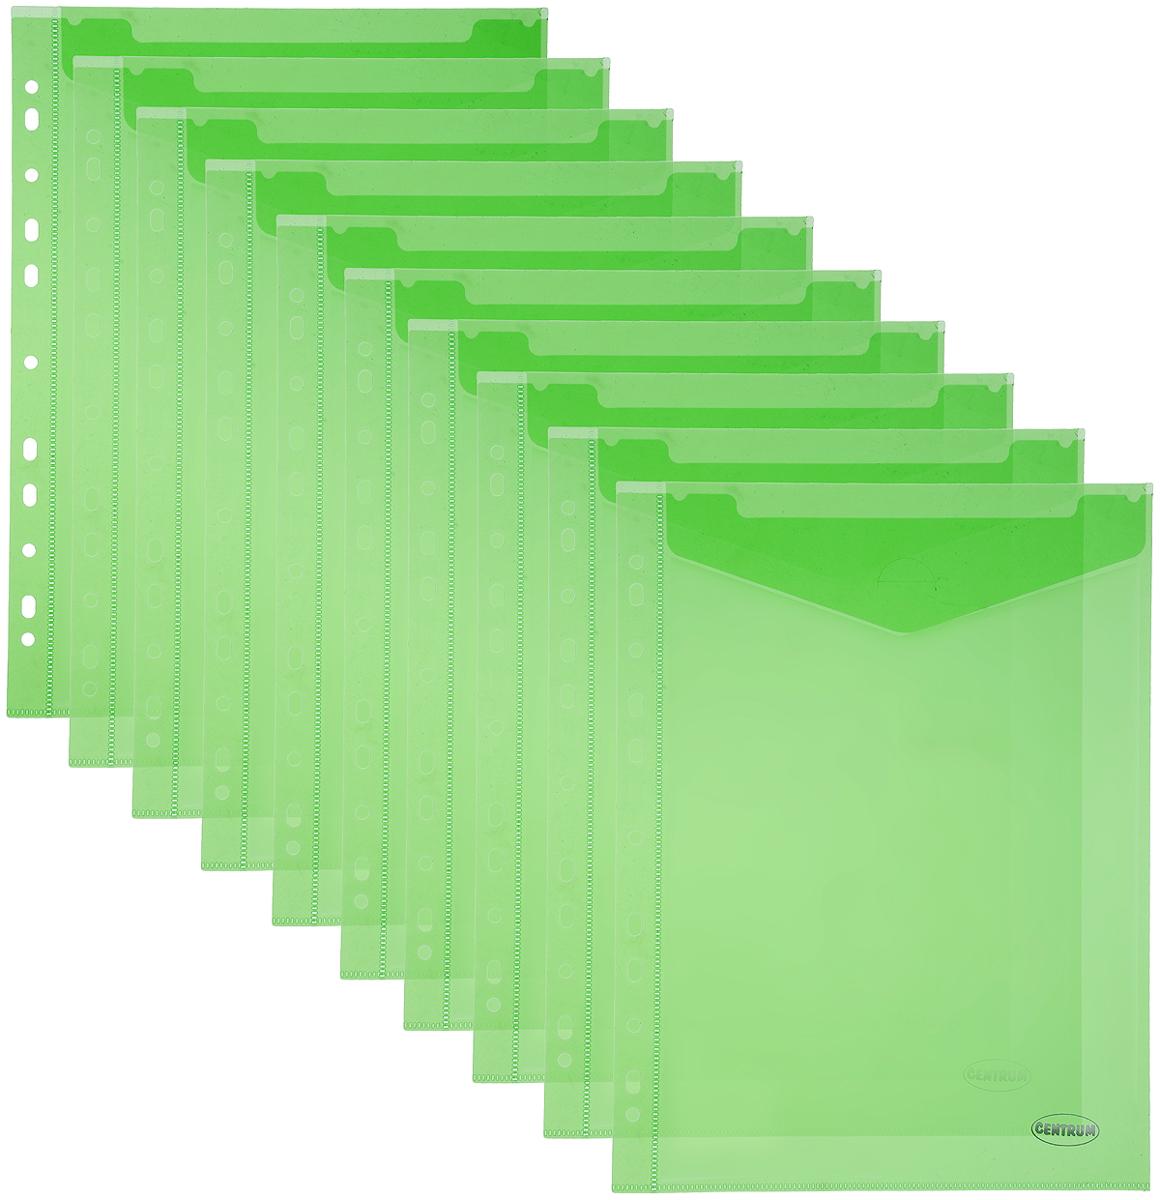 Centrum Папка-конверт с перфорацией цвет зеленый 10 шт80630_зеленыйВертикальная папка-конверт Centrum - это удобный и практичный офисный инструмент, предназначенный для хранения и транспортировки рабочих бумаг и документов формата А4. Она изготовлена из полупрозрачного матового пластика, имеет боковую перфорацию. В комплект входят 10 папок формата А4. Папка-конверт - это незаменимый атрибут для студента, школьника, офисного работника. Такая папка надежно сохранит ваши документы и сбережет их от повреждений, пыли и влаги.